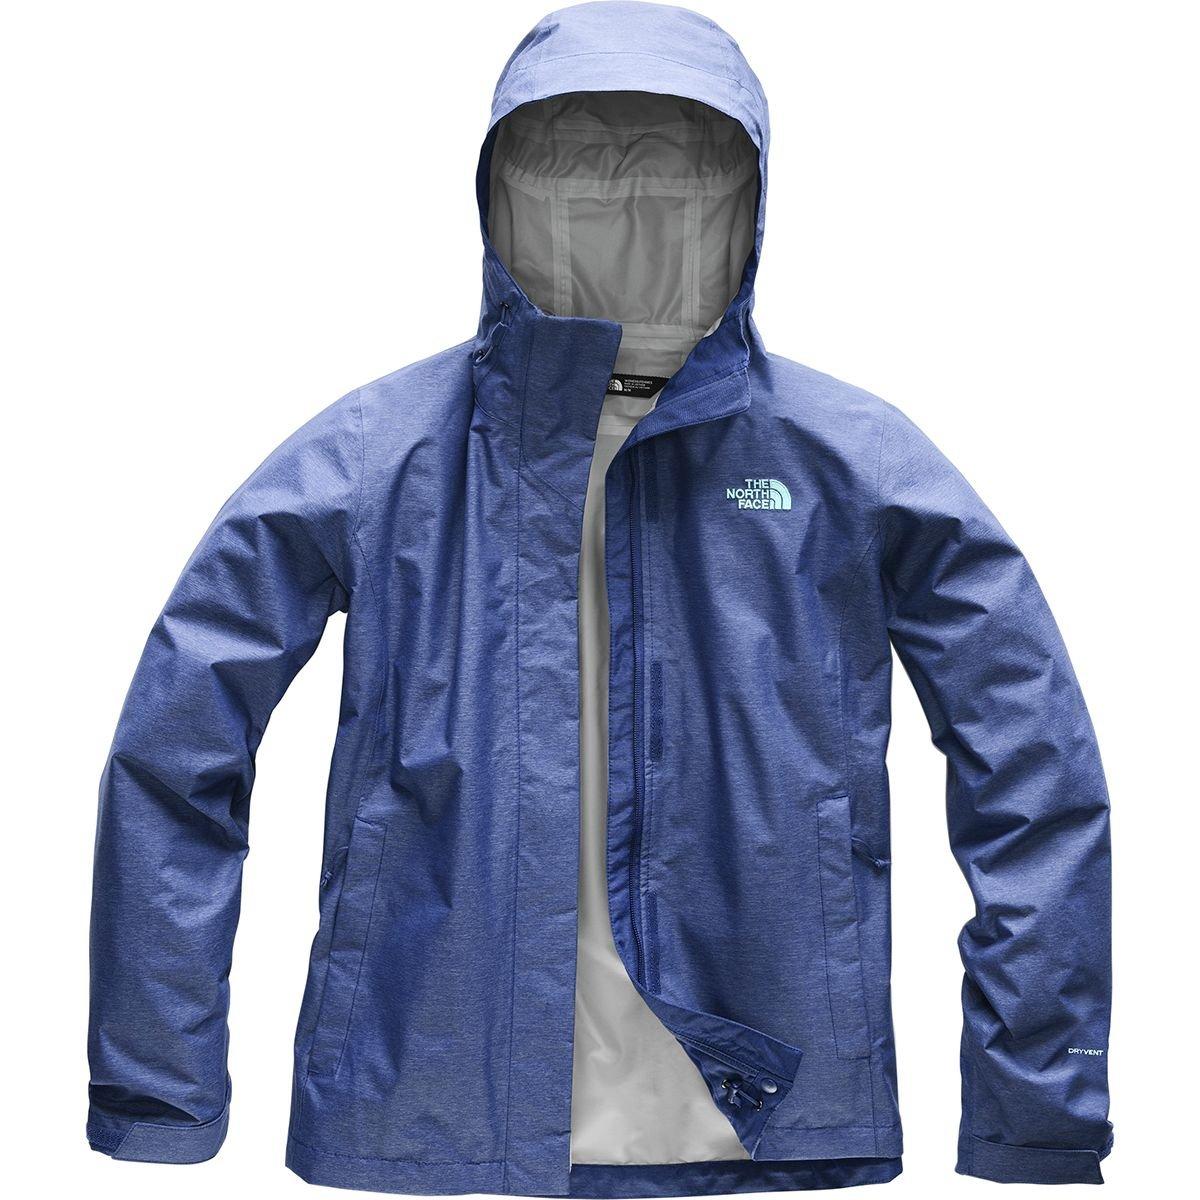 (ザノースフェイス) The North Face Venture 2 Jacket レディース ジャケットSodalite Blue Heather [並行輸入品]   B07F9VV371